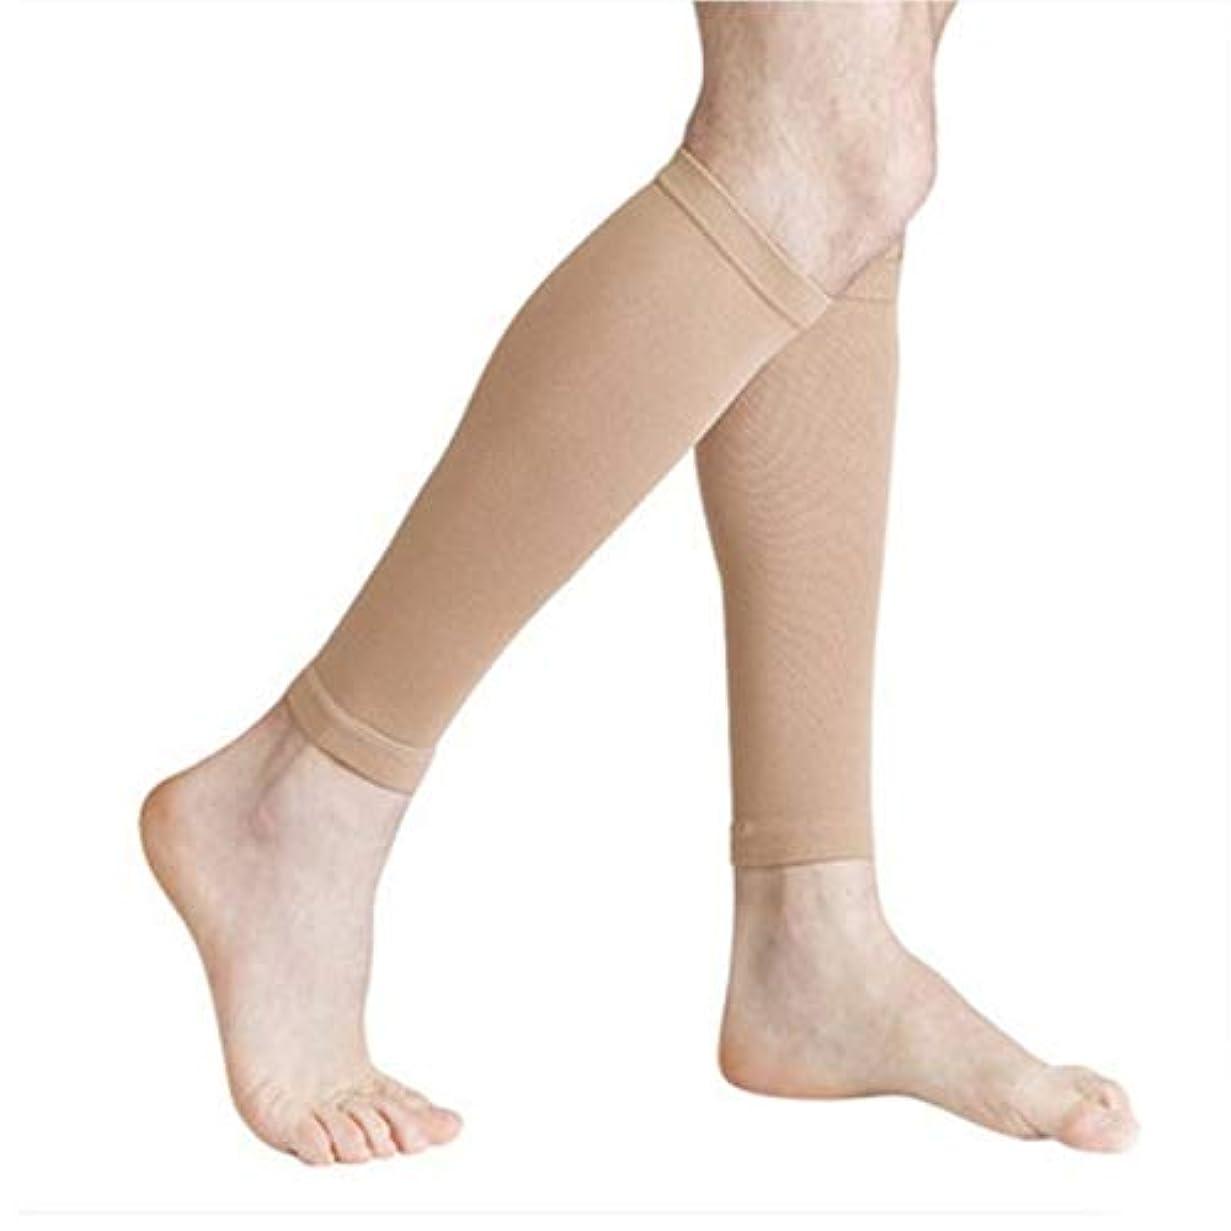 ラウンジ郵便局自己ふくらはぎコンプレッションスリーブ脚コンプレッションソックスシンスプリントふくらはぎの痛みを軽減メンズランニング用サイクリング女性用スリーブ-スキン